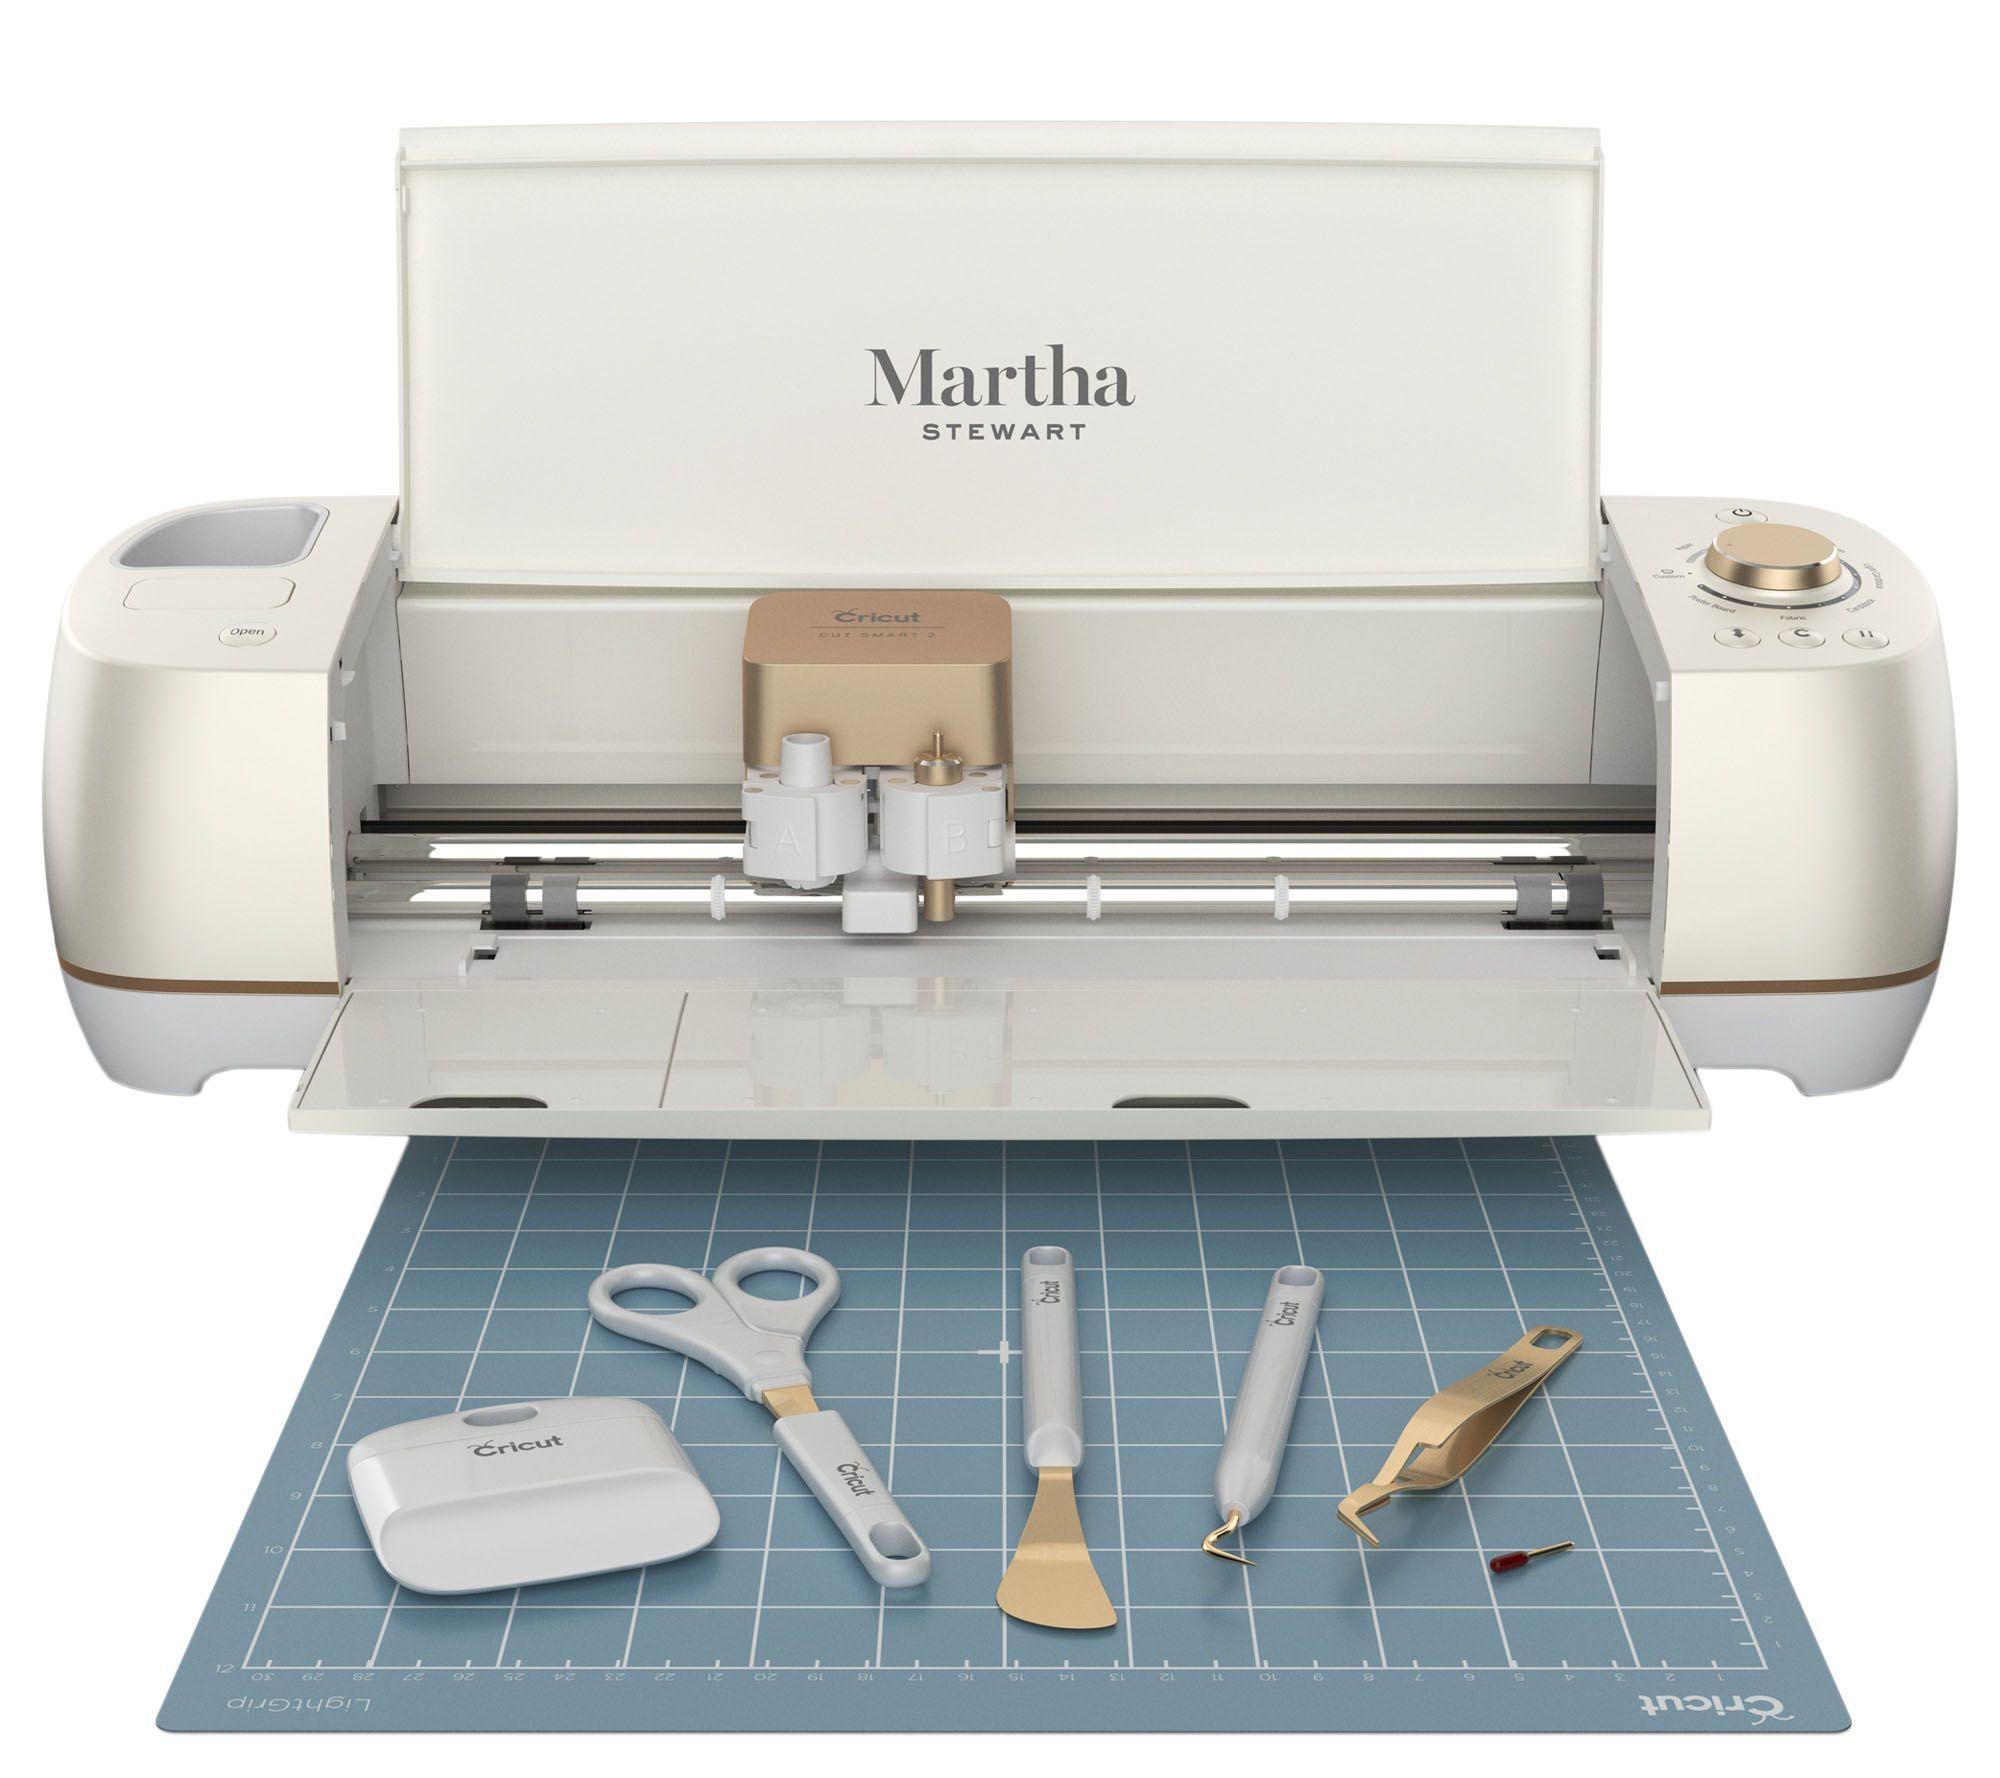 Cricut Explore Air 2 Cutting Machine Martha Stewart Edition Page 1